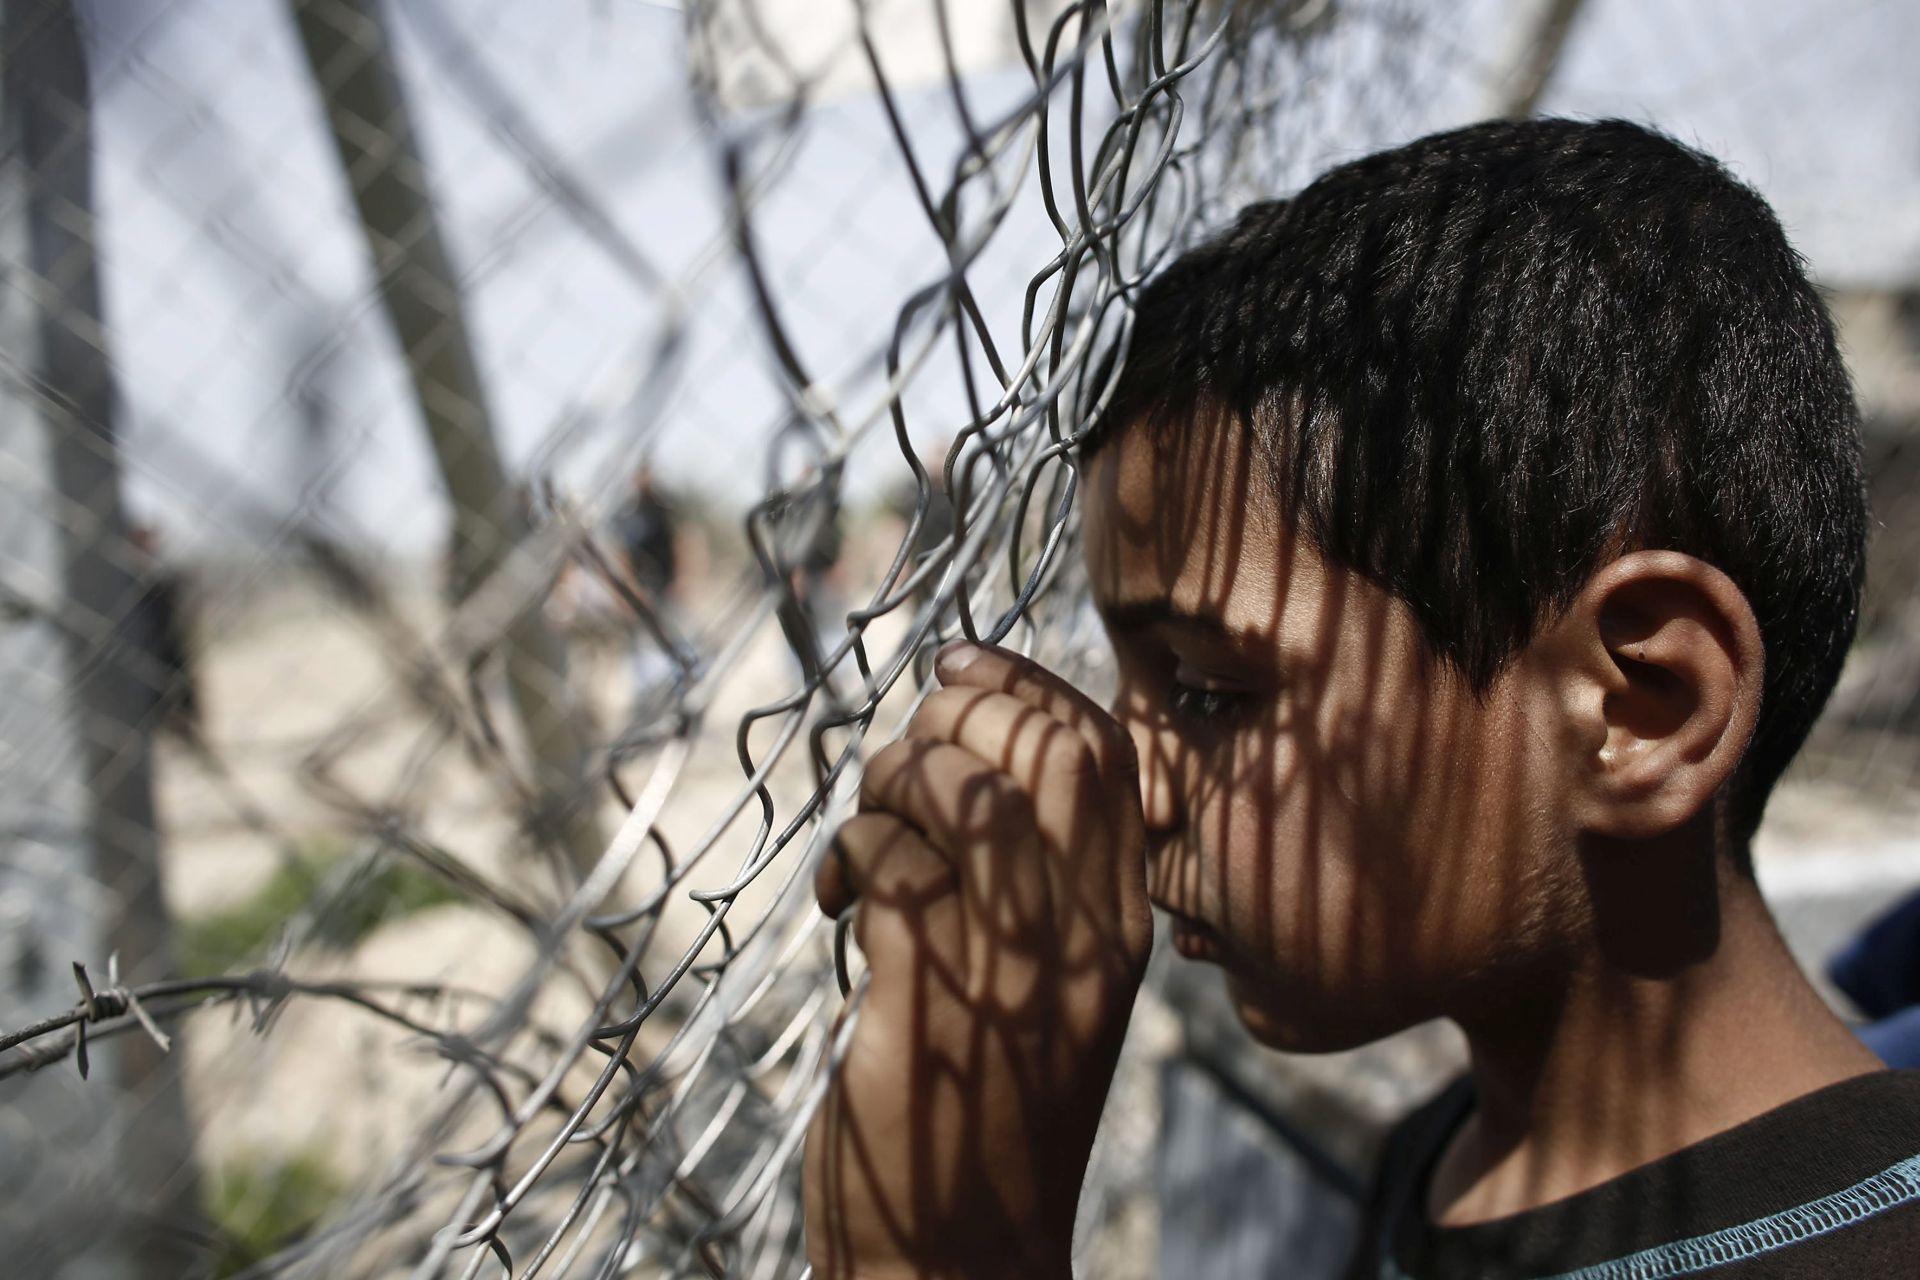 BIJEG OD RATA: Gotovo 90.000 maloljetnika bez pratnje zatražilo azil u EU 2015.